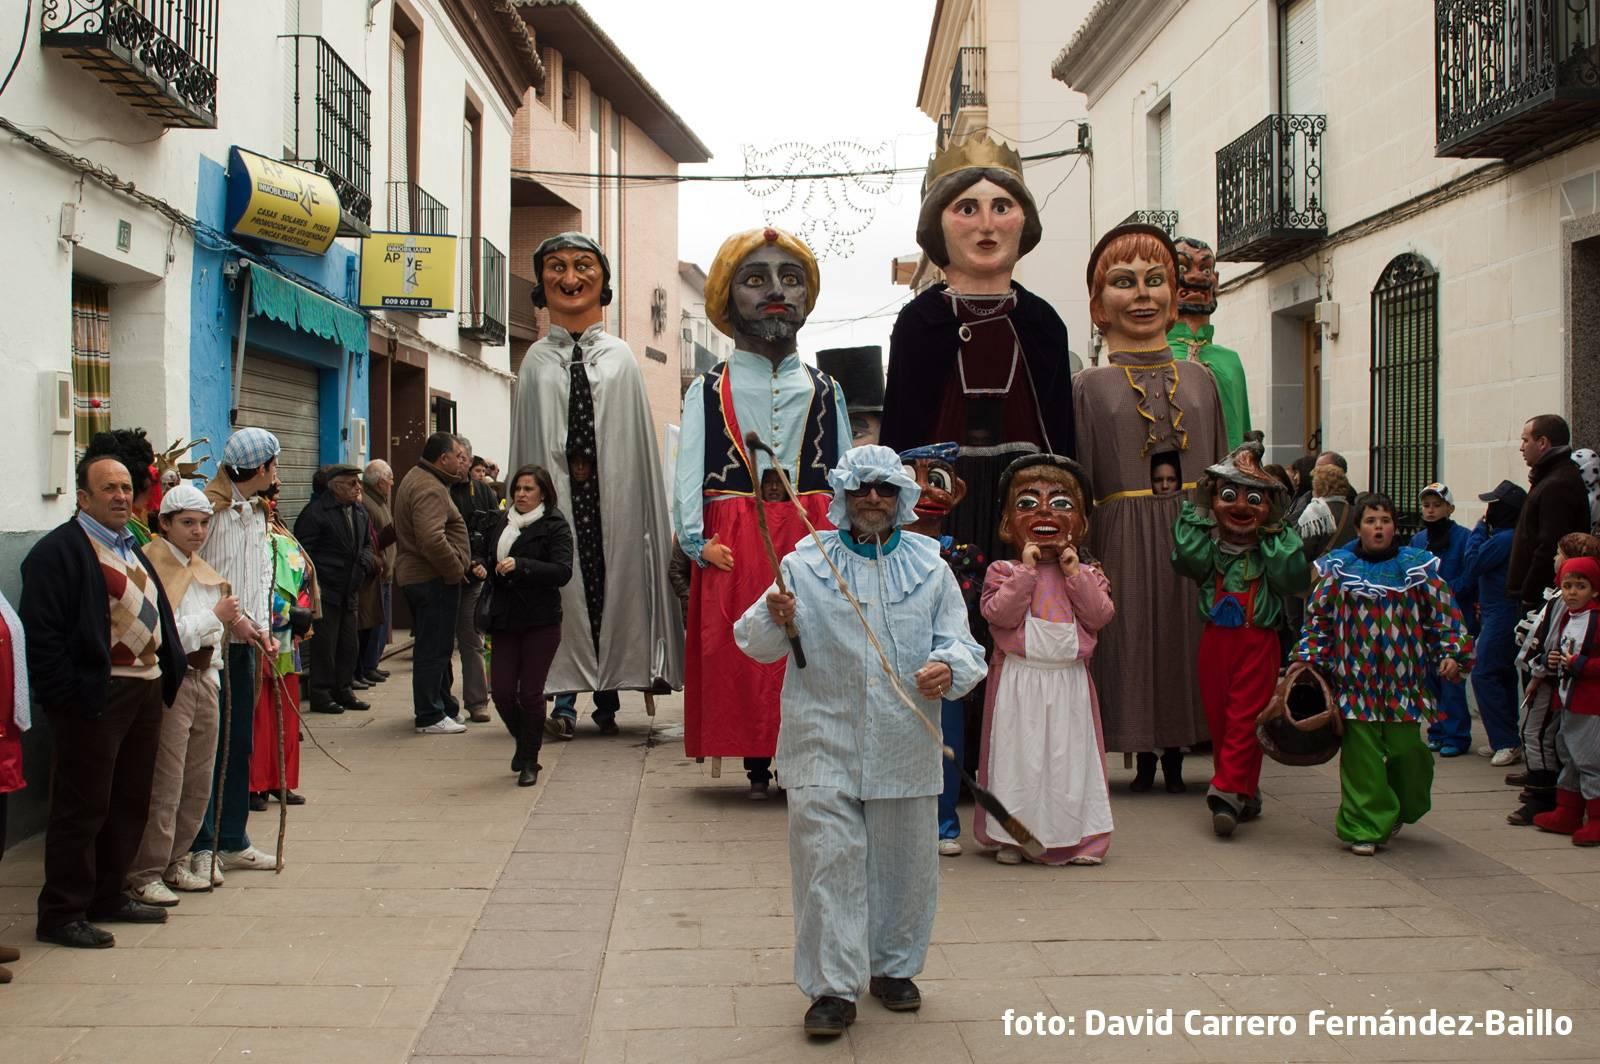 gigantes y perle carnaval de herencia2 - Programa de la Fiesta del Carnaval de Verano 2016